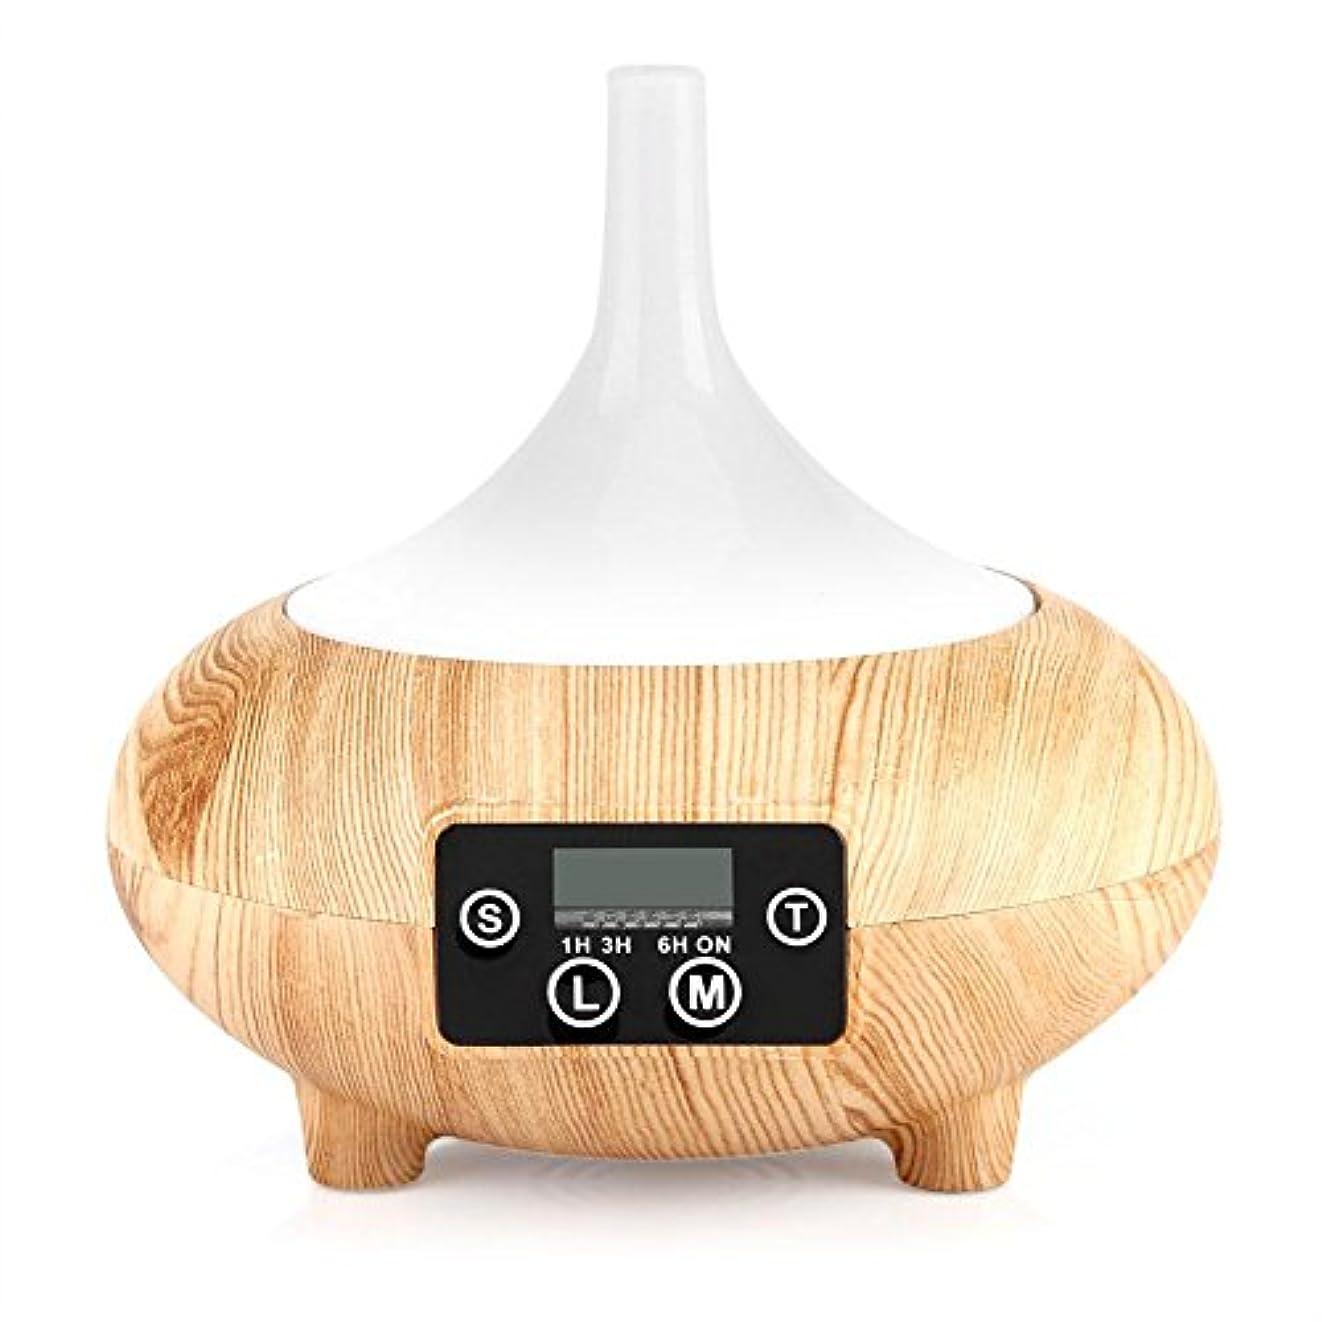 歯車視聴者の量加湿器 アロマディフューザー LED時計 卓上加湿器 空気清浄機 空焚き防止機能搭載 色変換LED搭載 ミストモード 時間設定 木目調 おしゃれ 乾燥対応 SPA美容など適用(浅木纹)